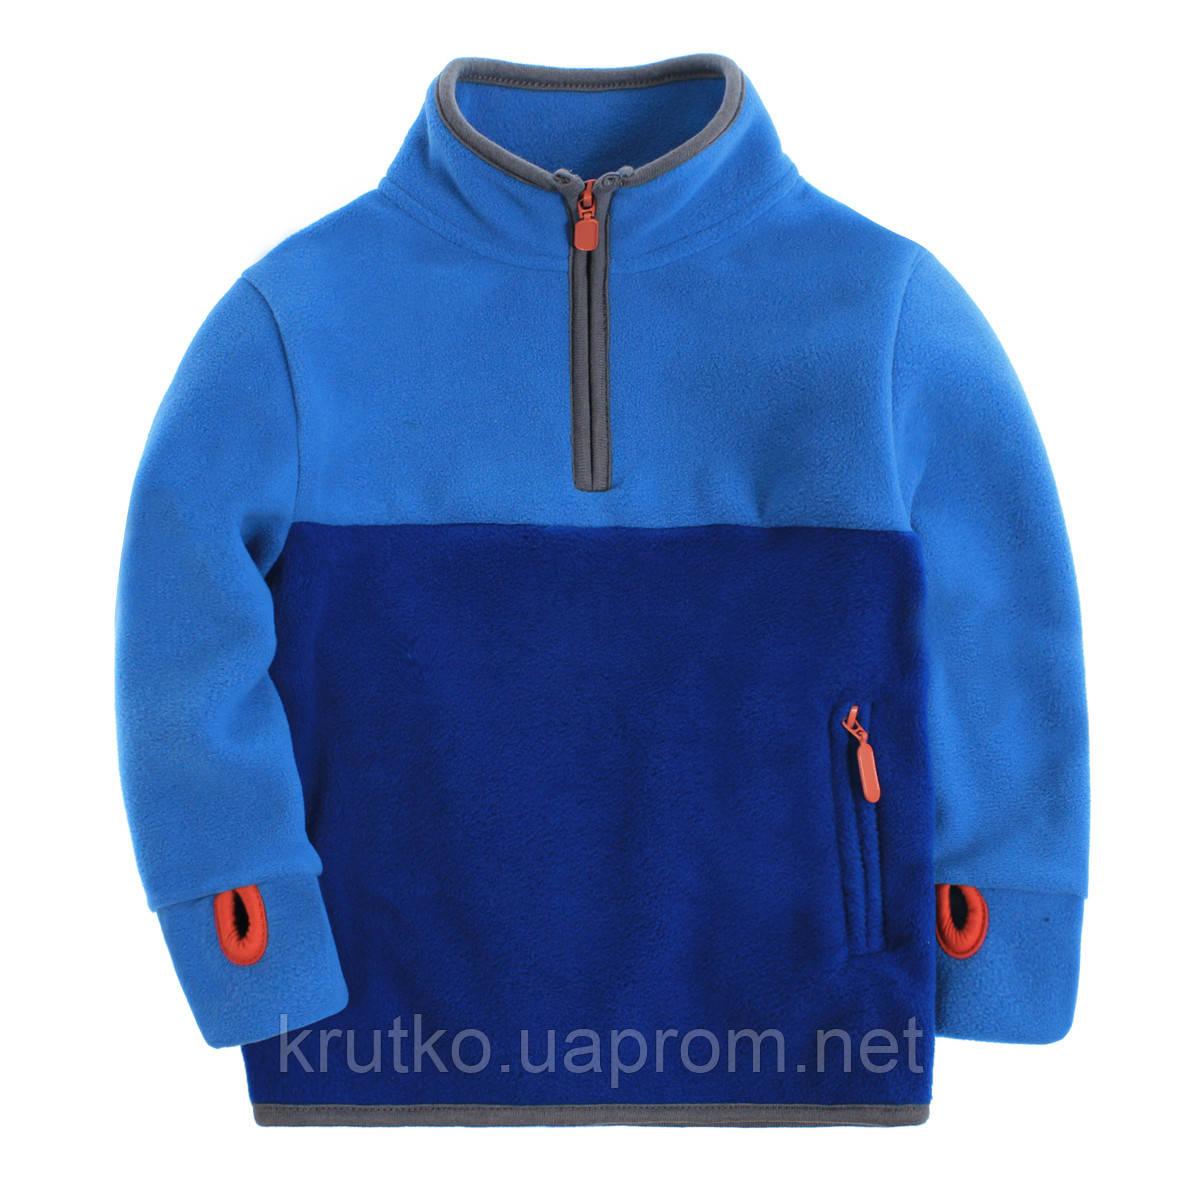 Кофта детская флисовая утеплённая Синие краски Berni